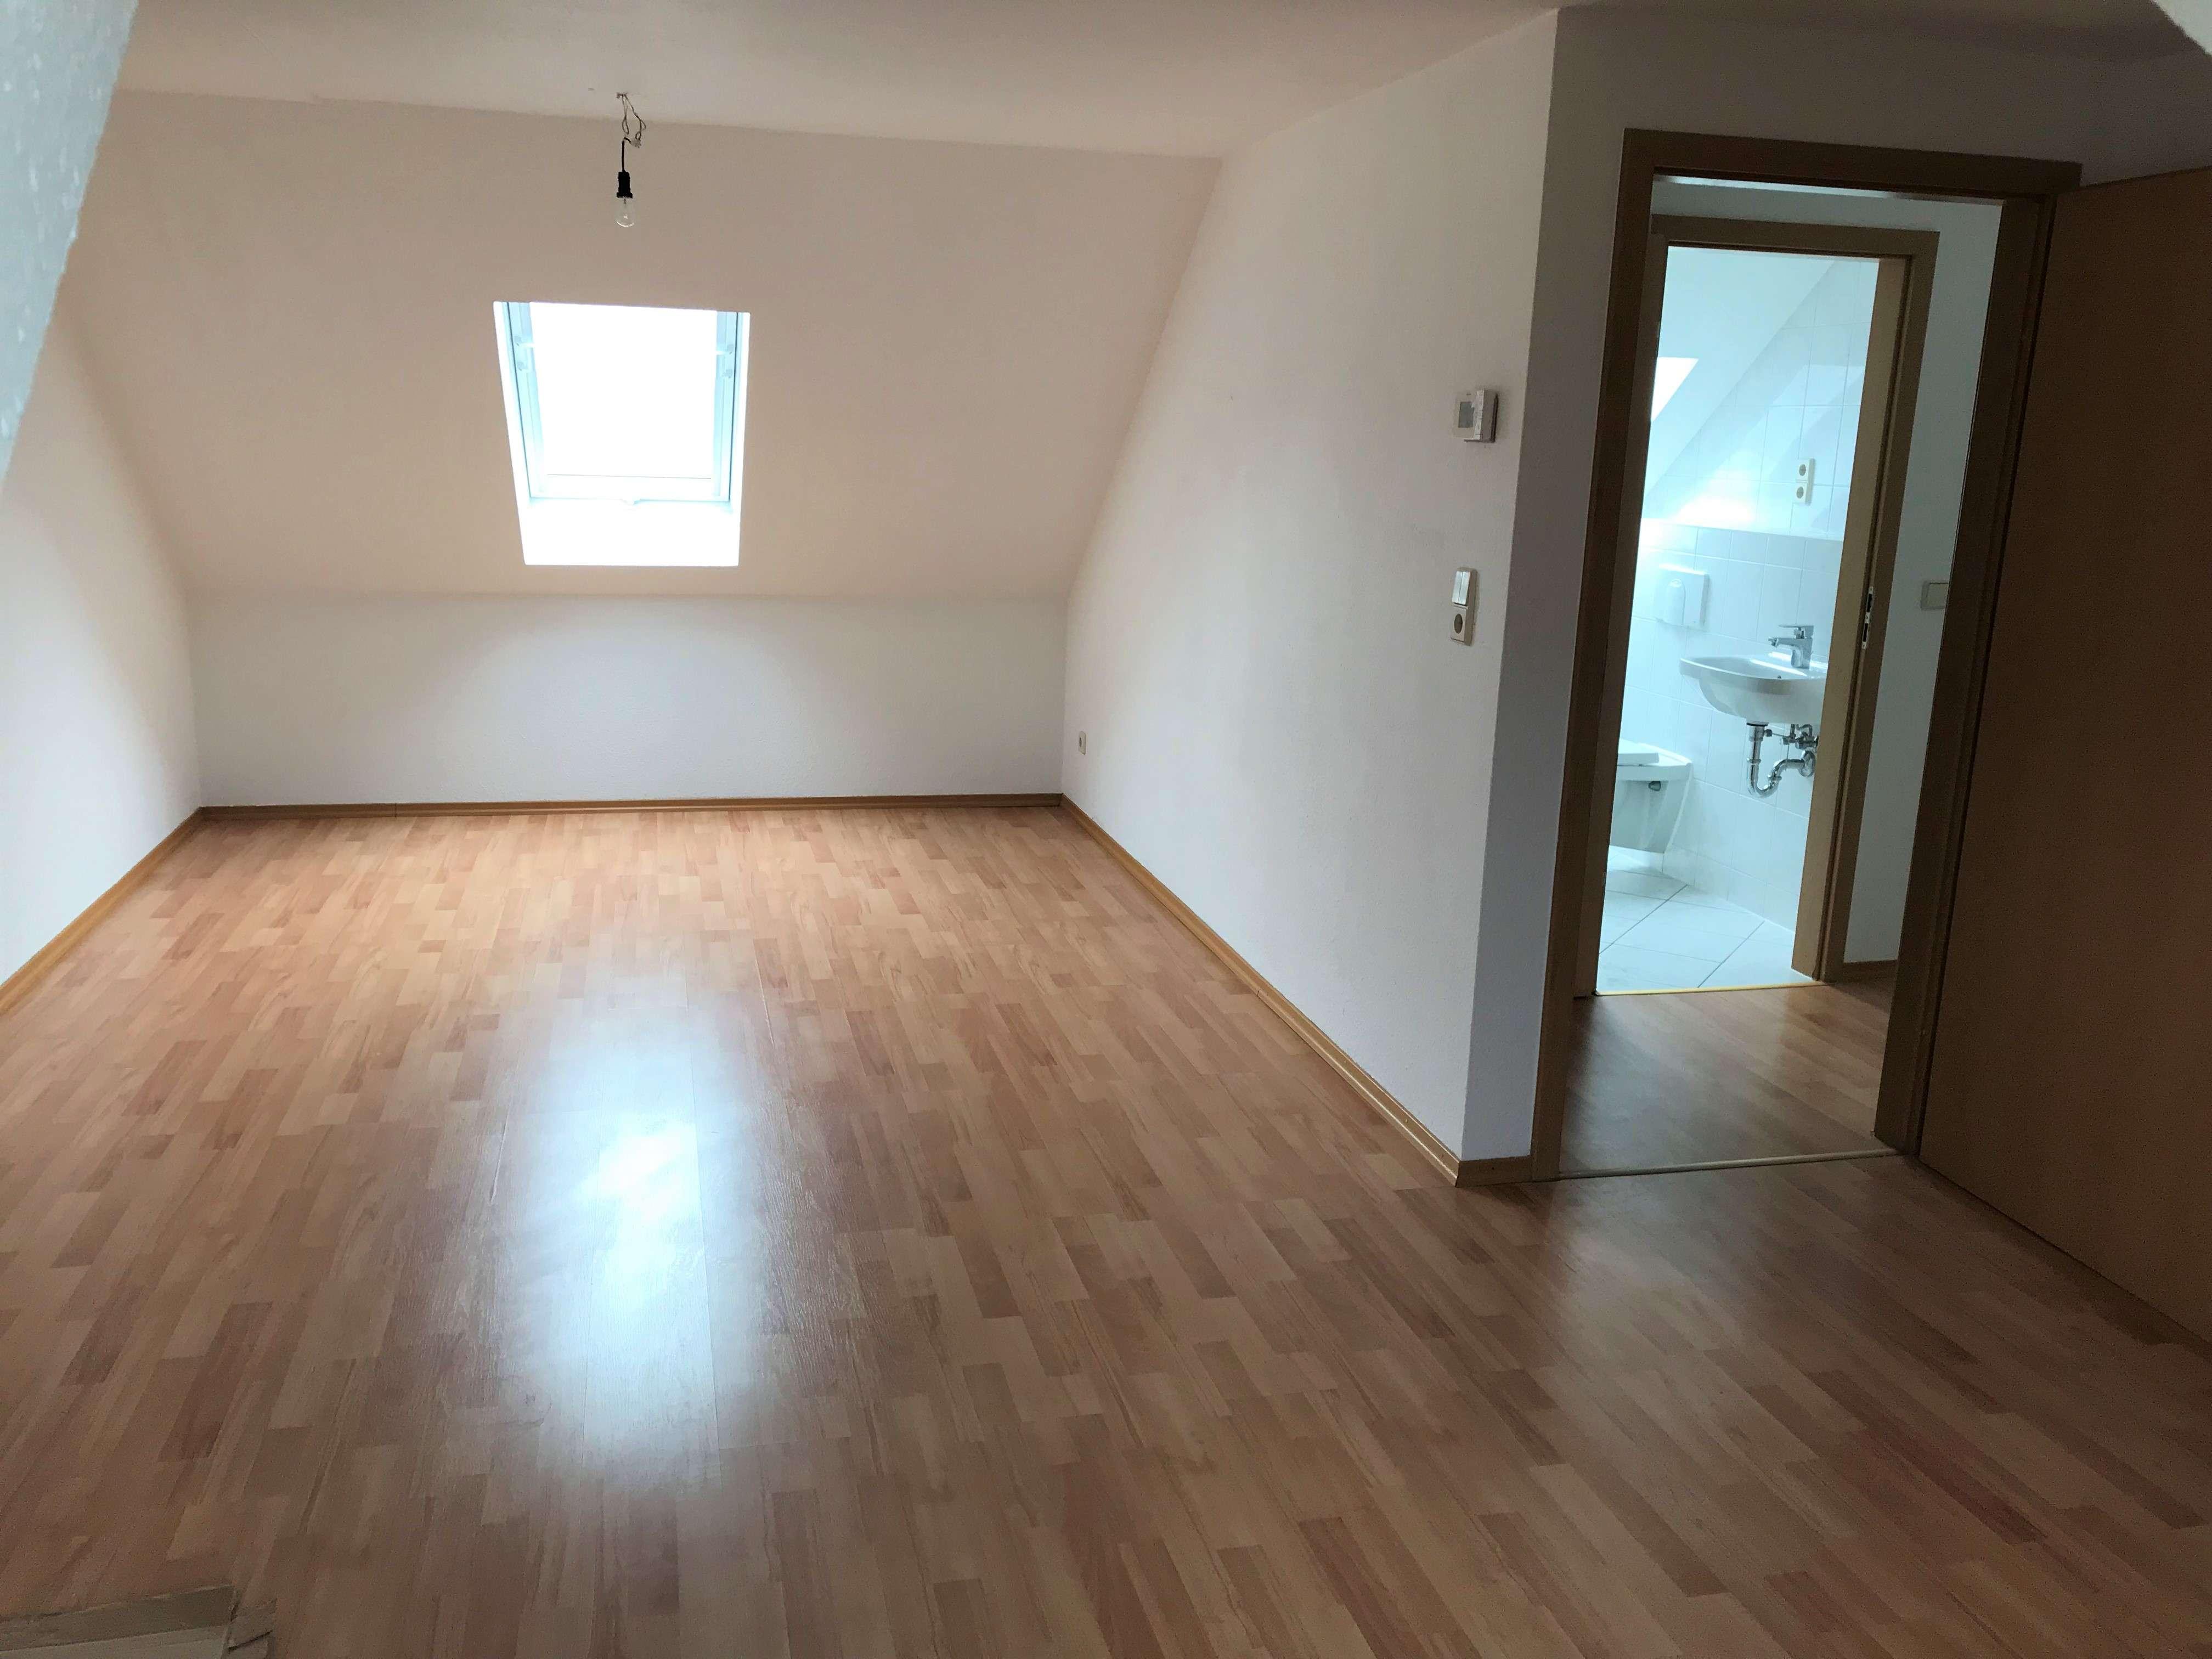 Modernisierte 2-Zimmer-Dachgeschosswohnung mit EBK in Regensburg - reserviert -